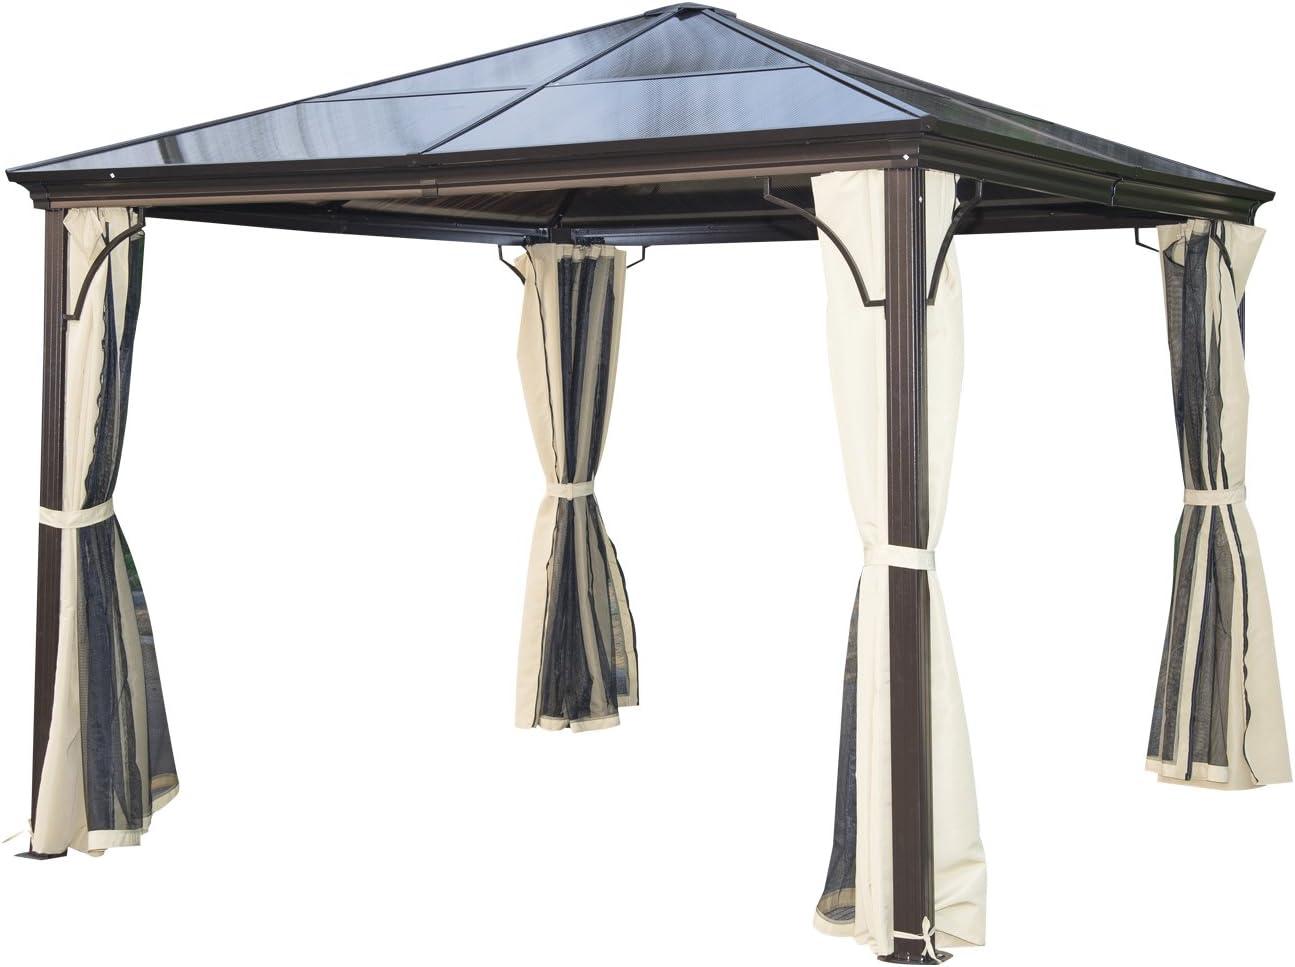 Outsunny - Cenador para jardín, Carpa de 3 x 3 m, con Estructura de Aluminio, Techo Duro y Paredes Laterales de Malla